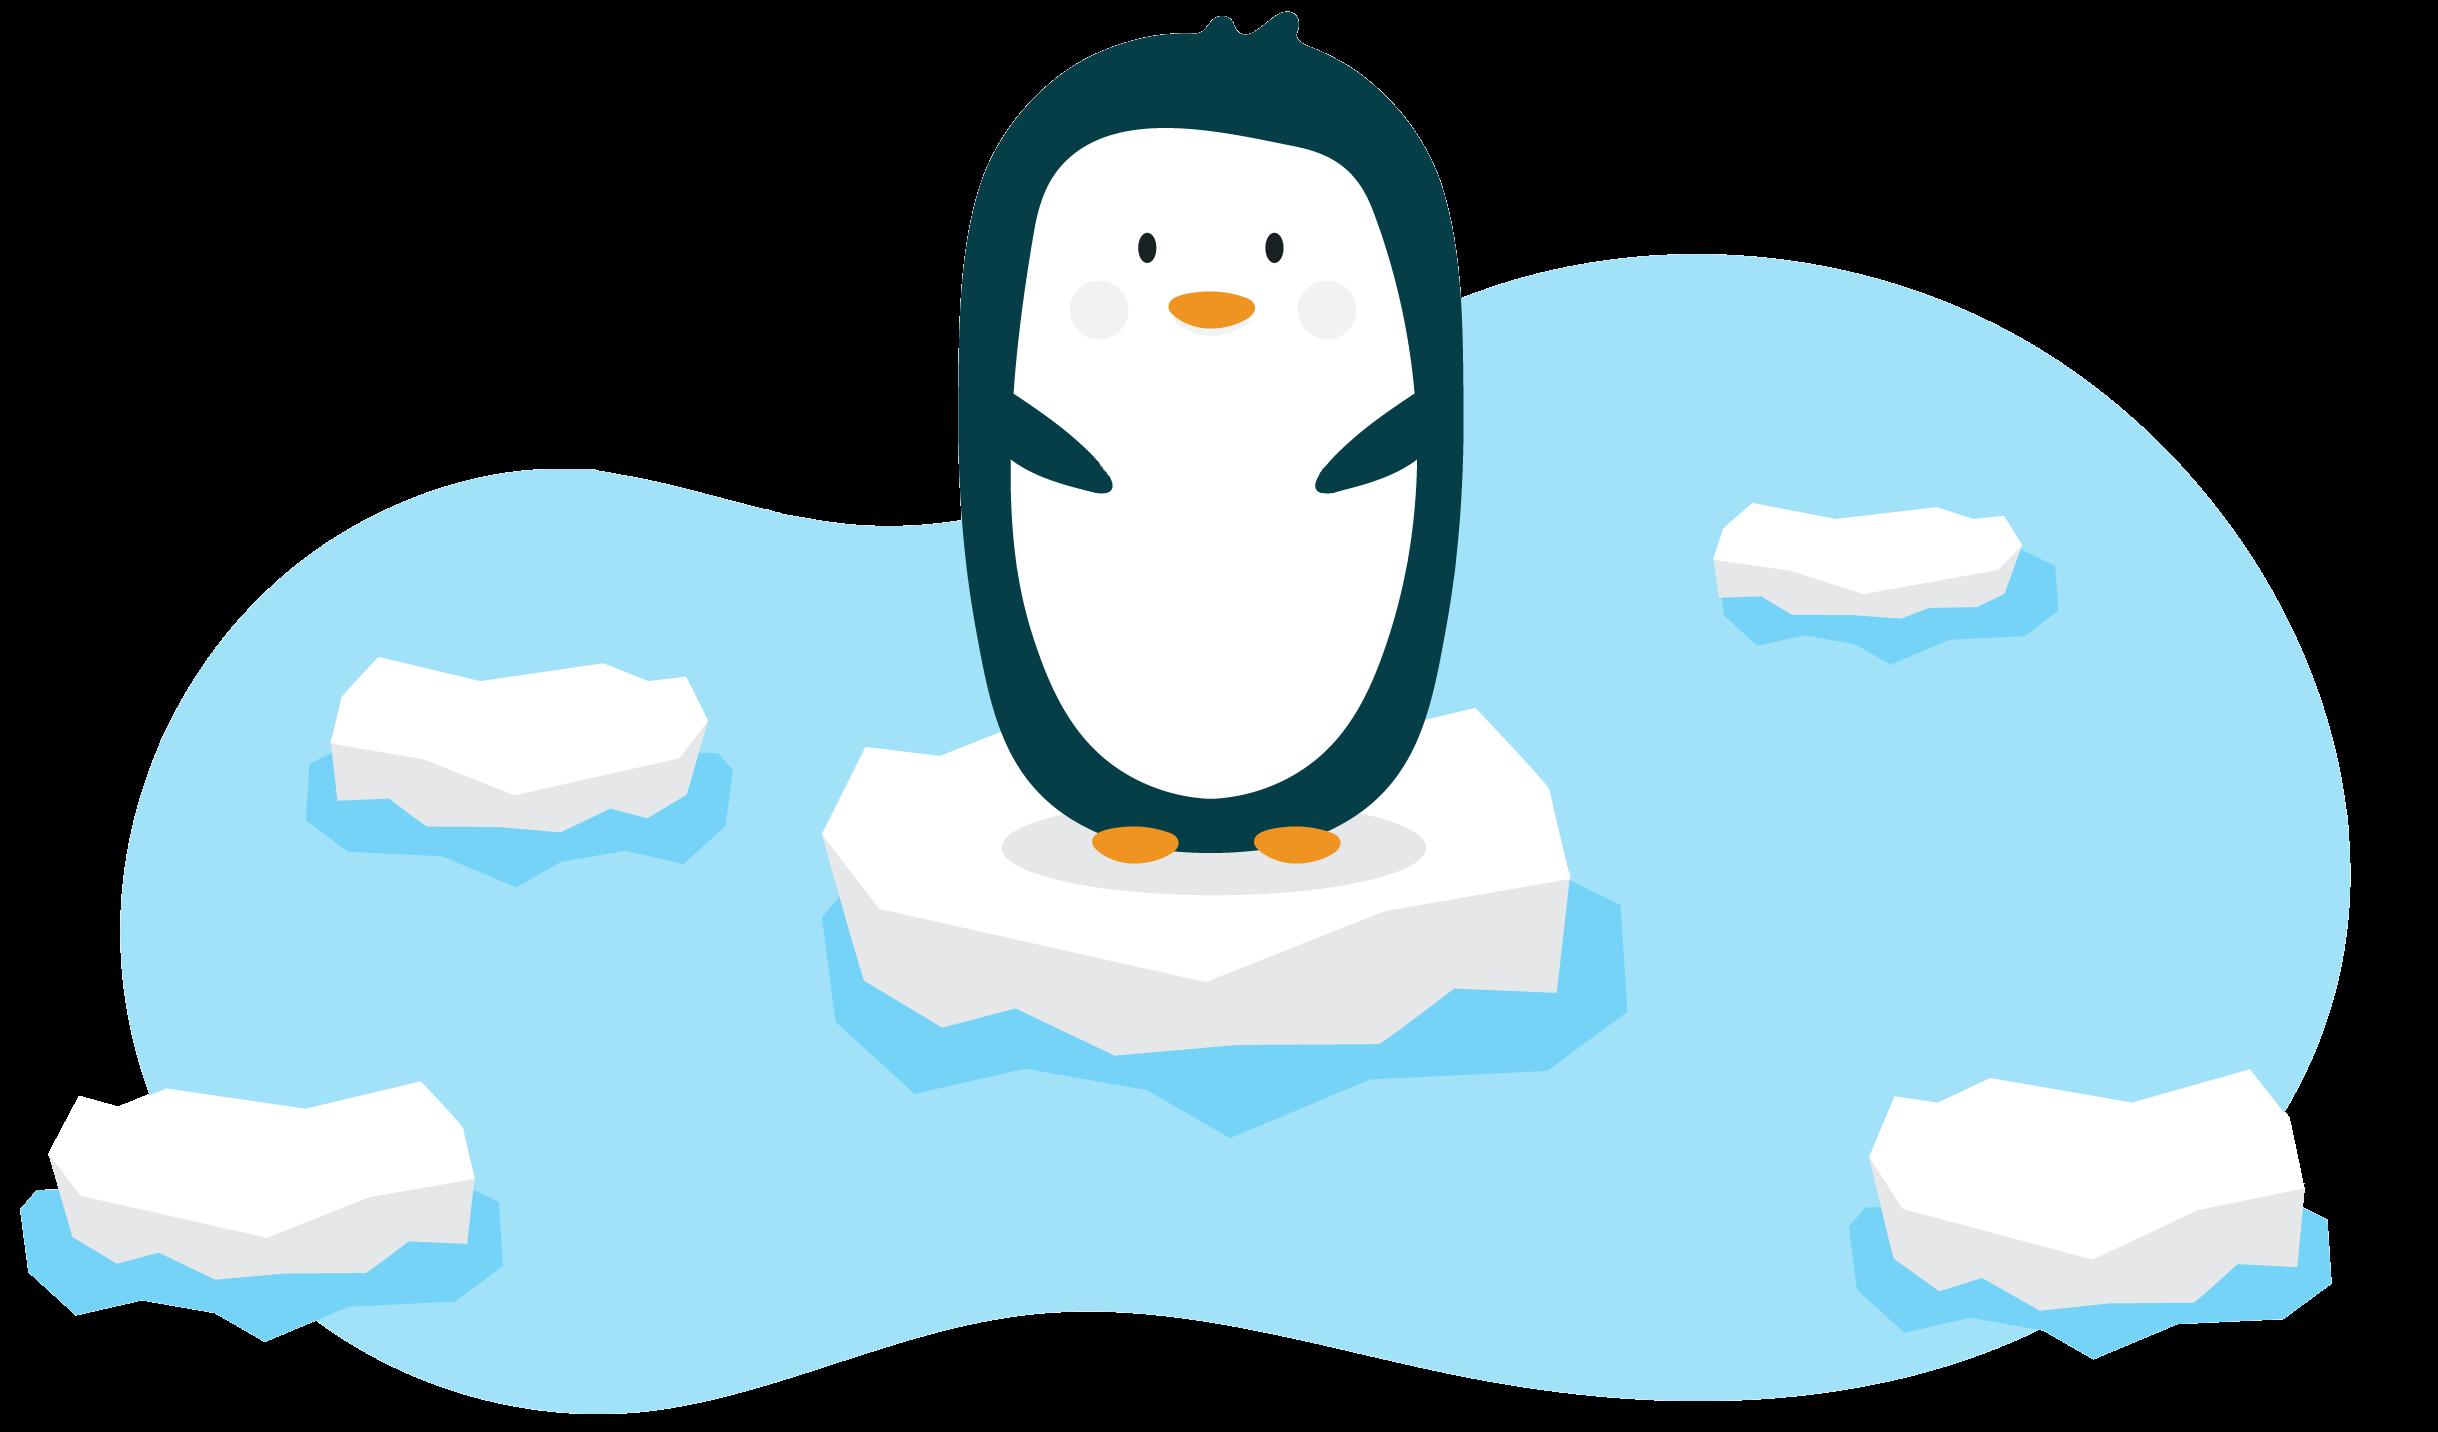 PenguinProxy 采用点对点技术的免费上谷歌、节点多,平台全